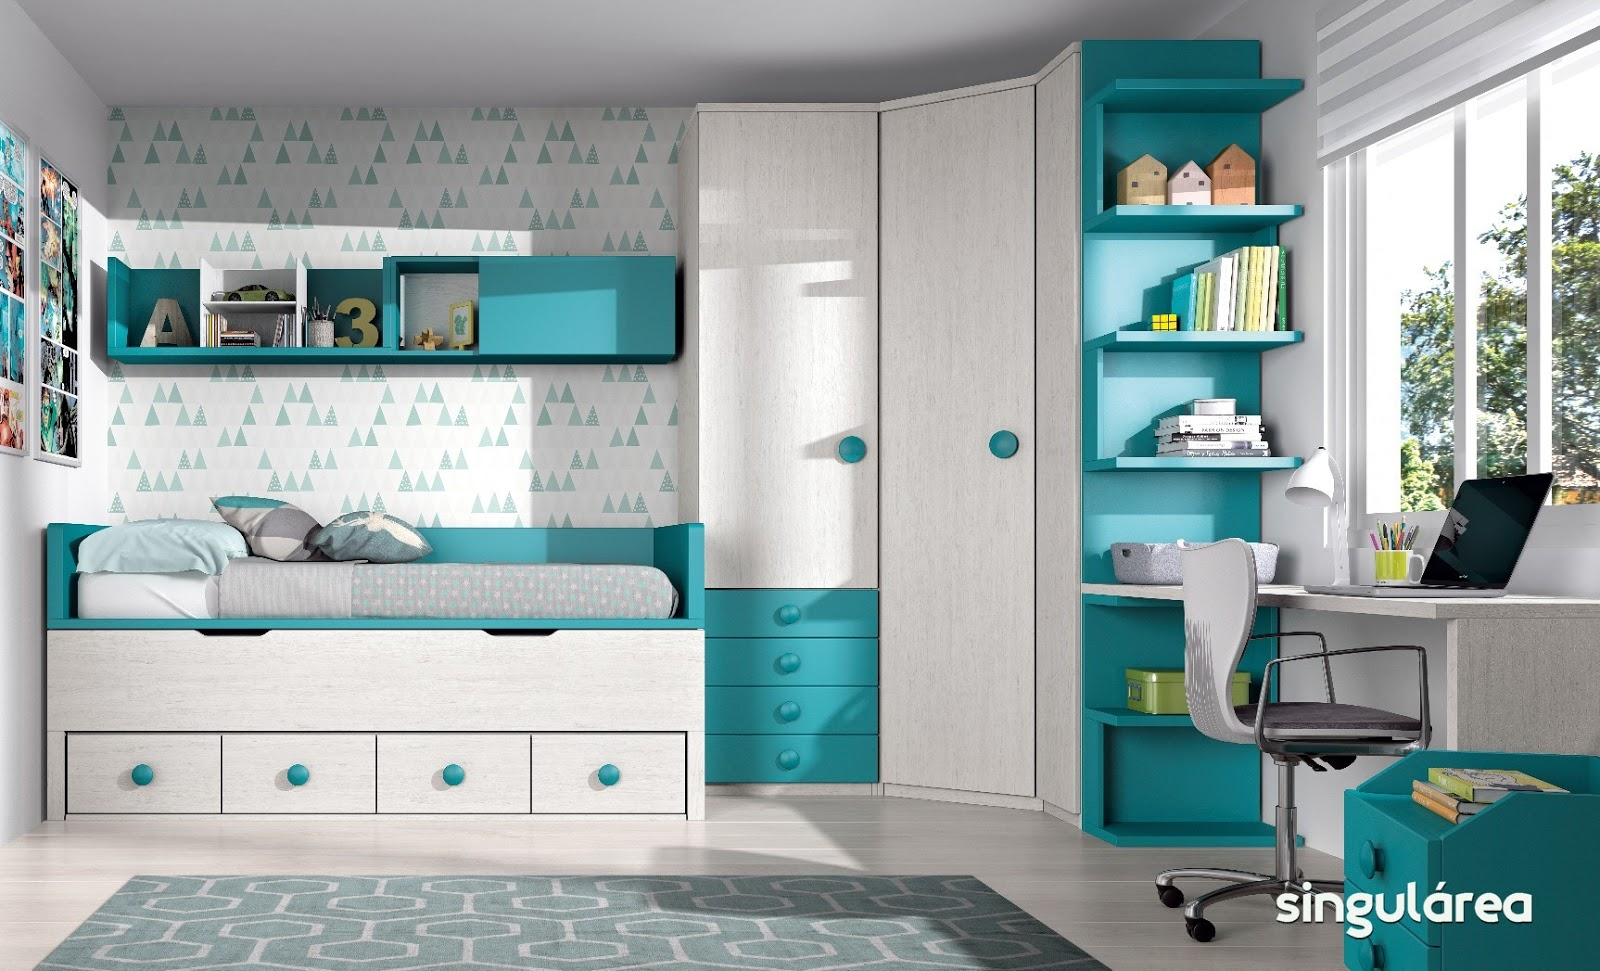 Cuarto juvenil armario rinc n 2202 for Dormitorios juveniles baratos sin armario